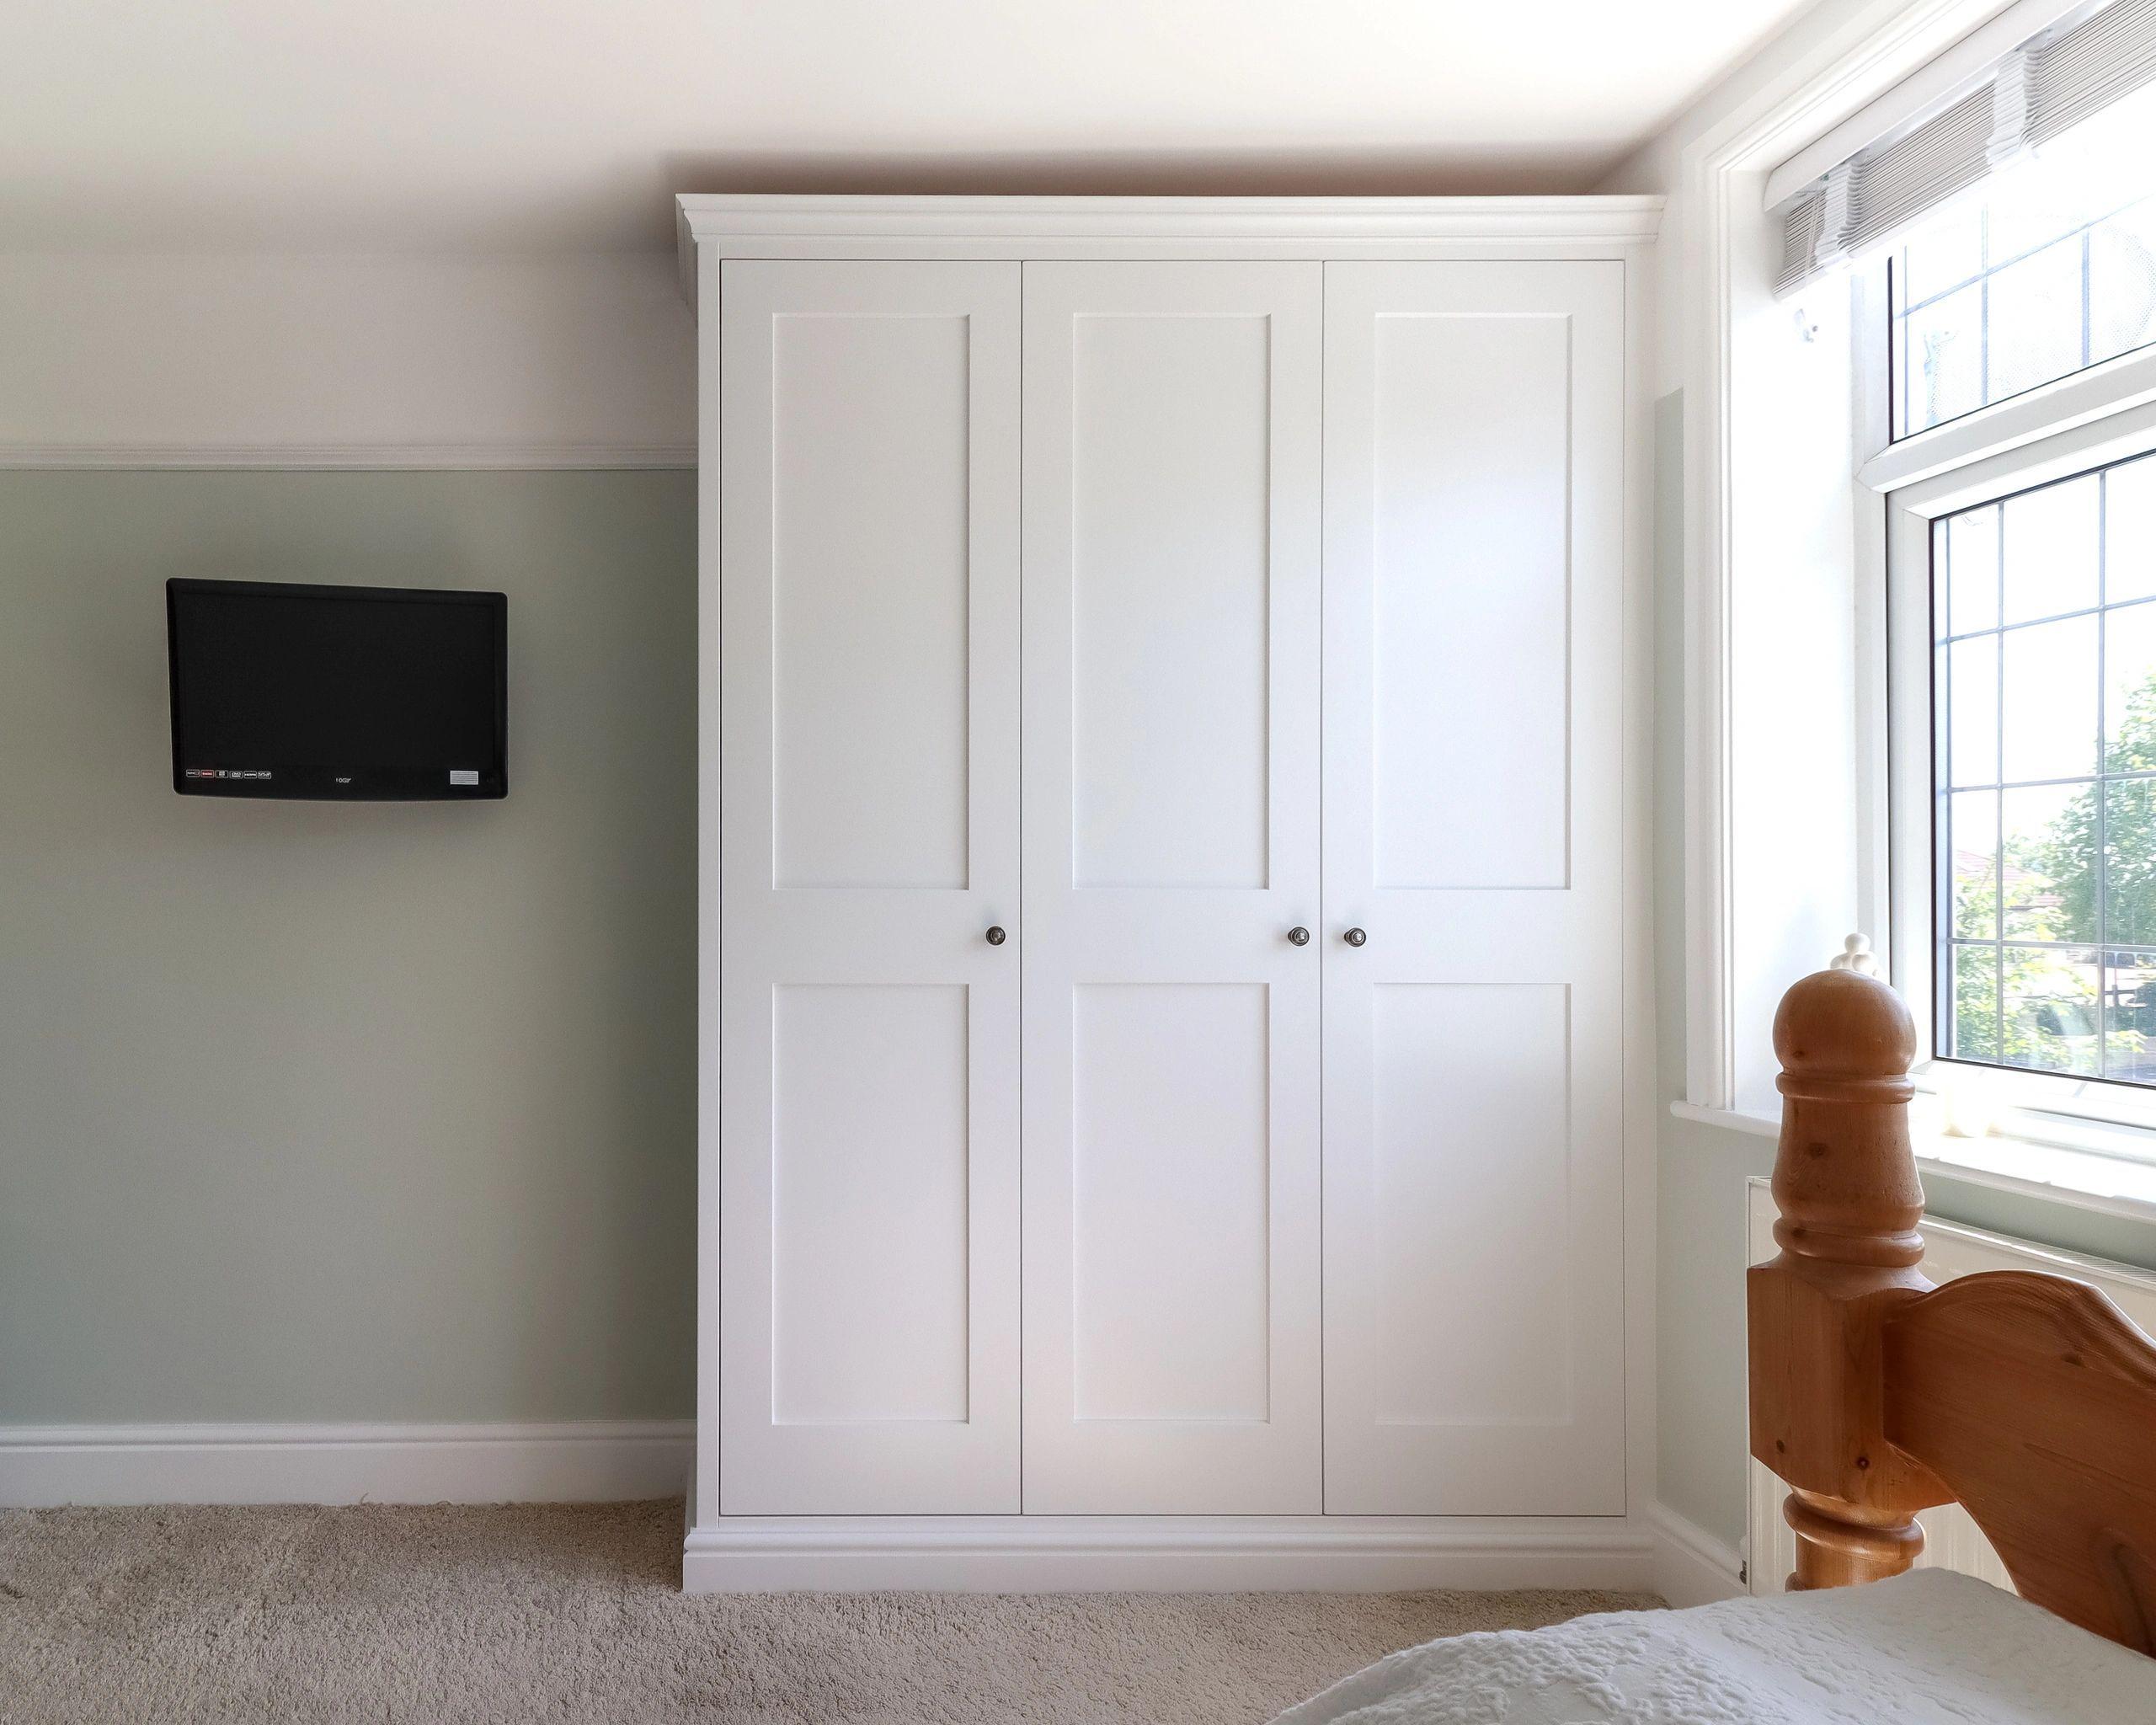 Wevet Shaker TW Bespoke Fitted wardrobes bedroom